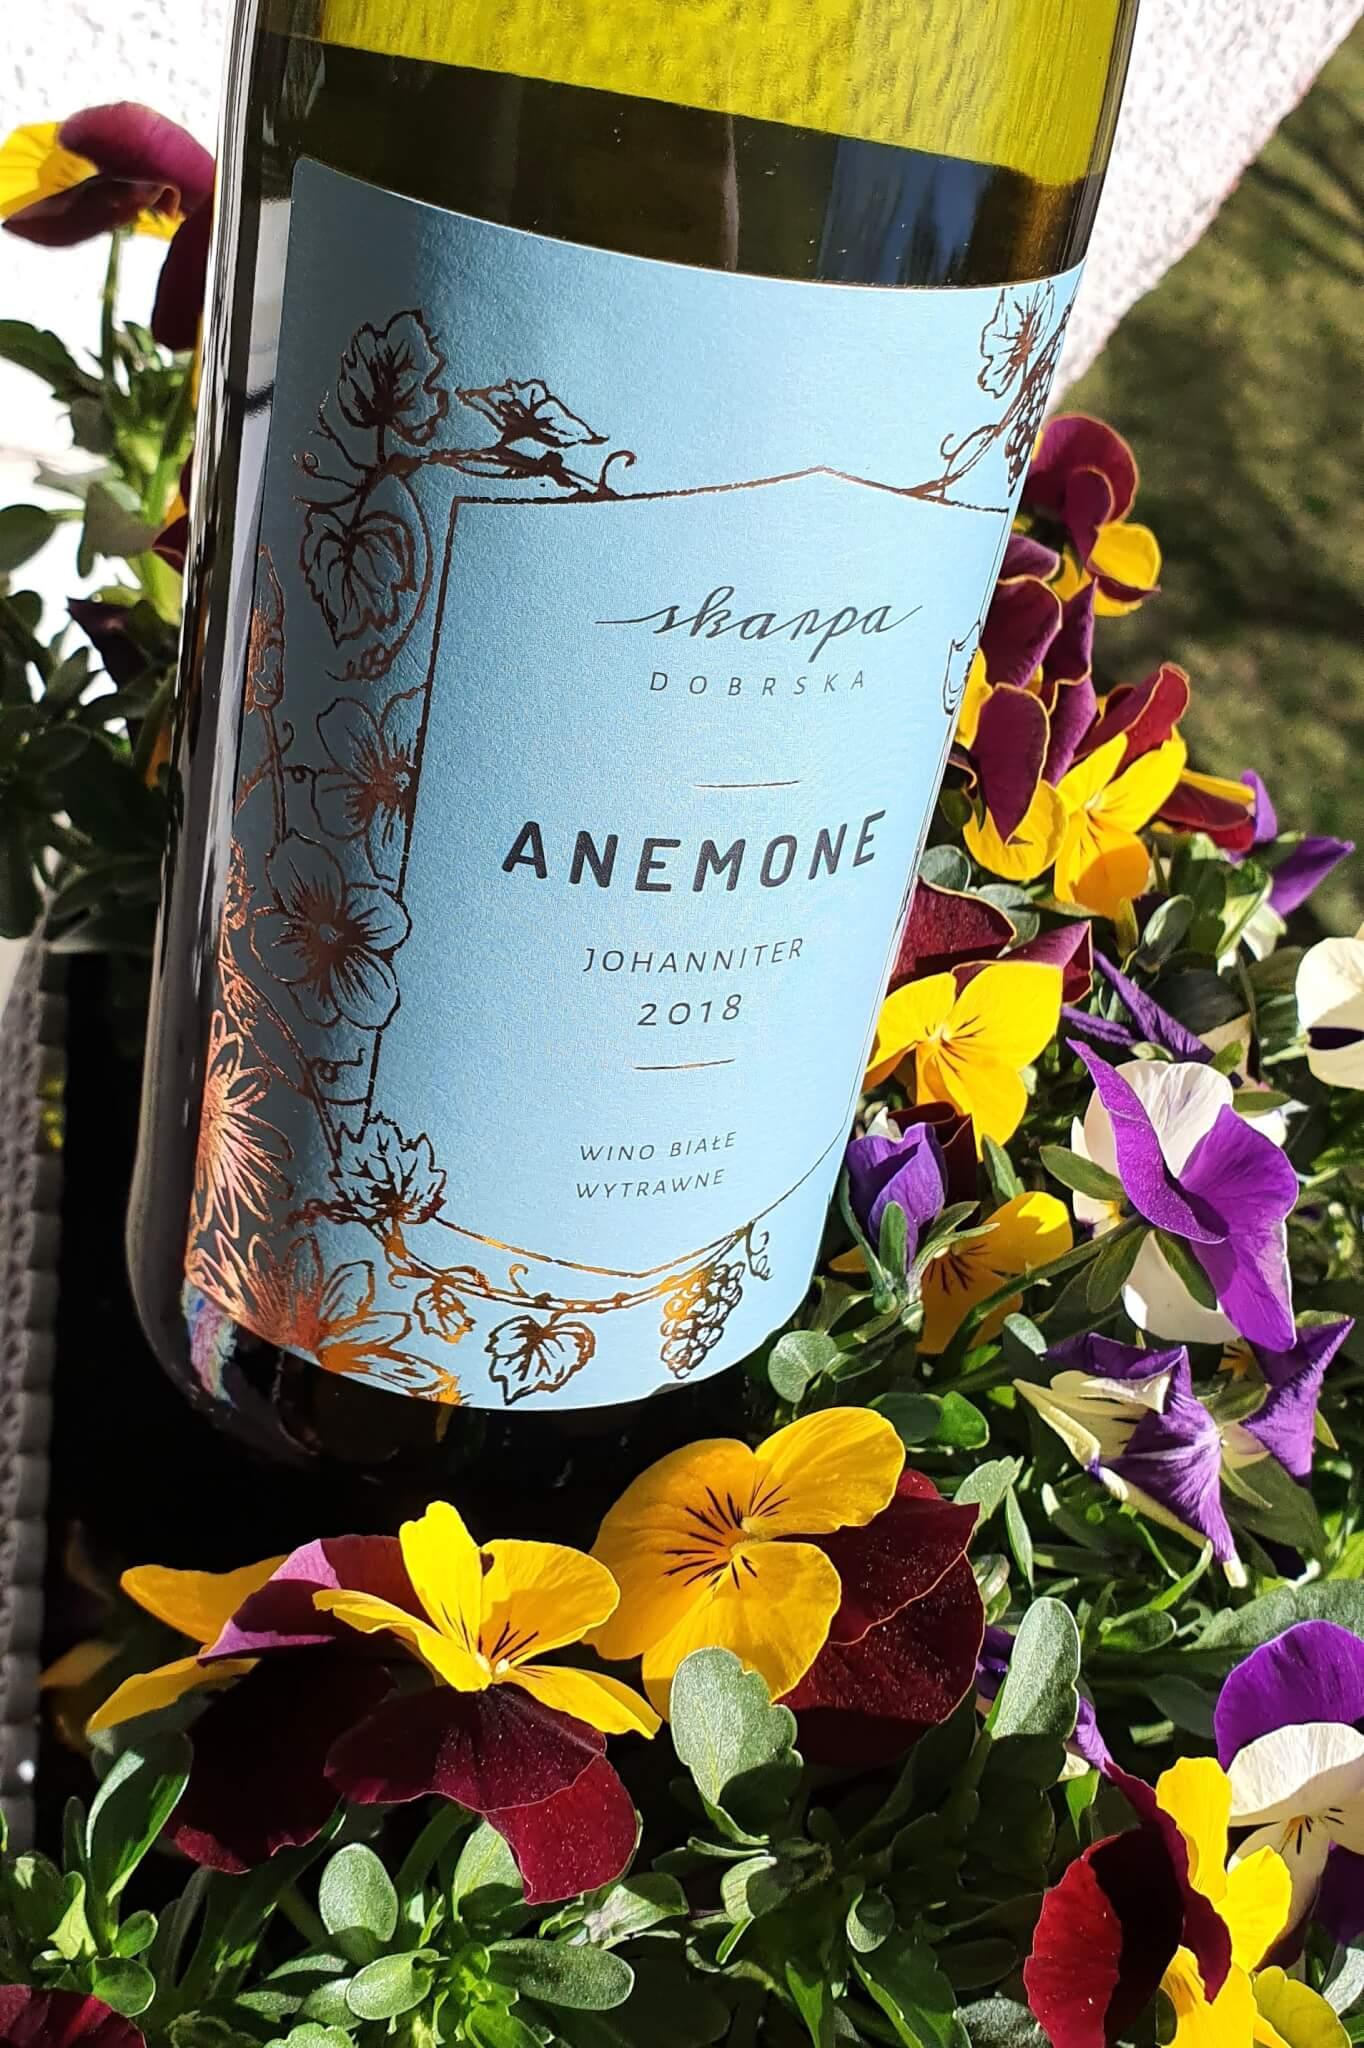 Polskie białe wina, Skarpa Dobrska anemone